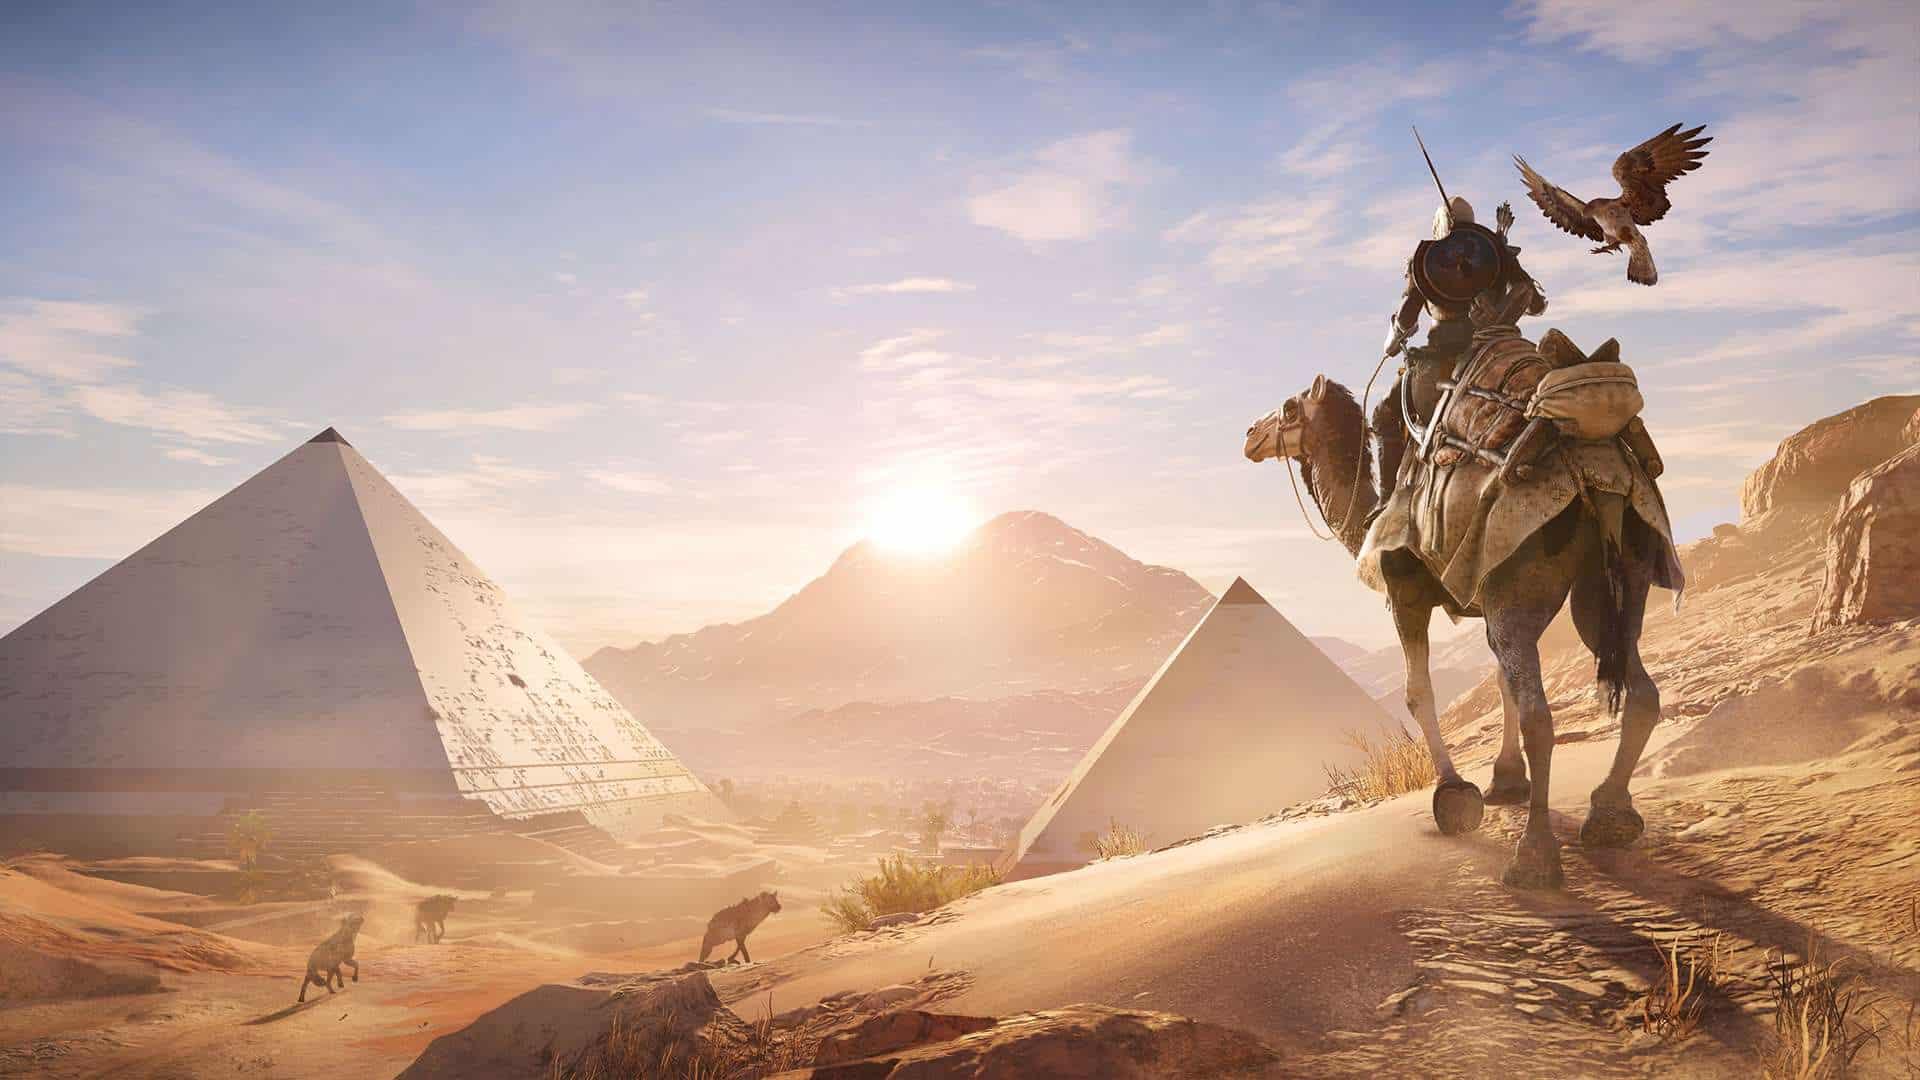 Antico Egitto: un meraviglioso mondo da esplorare con un click